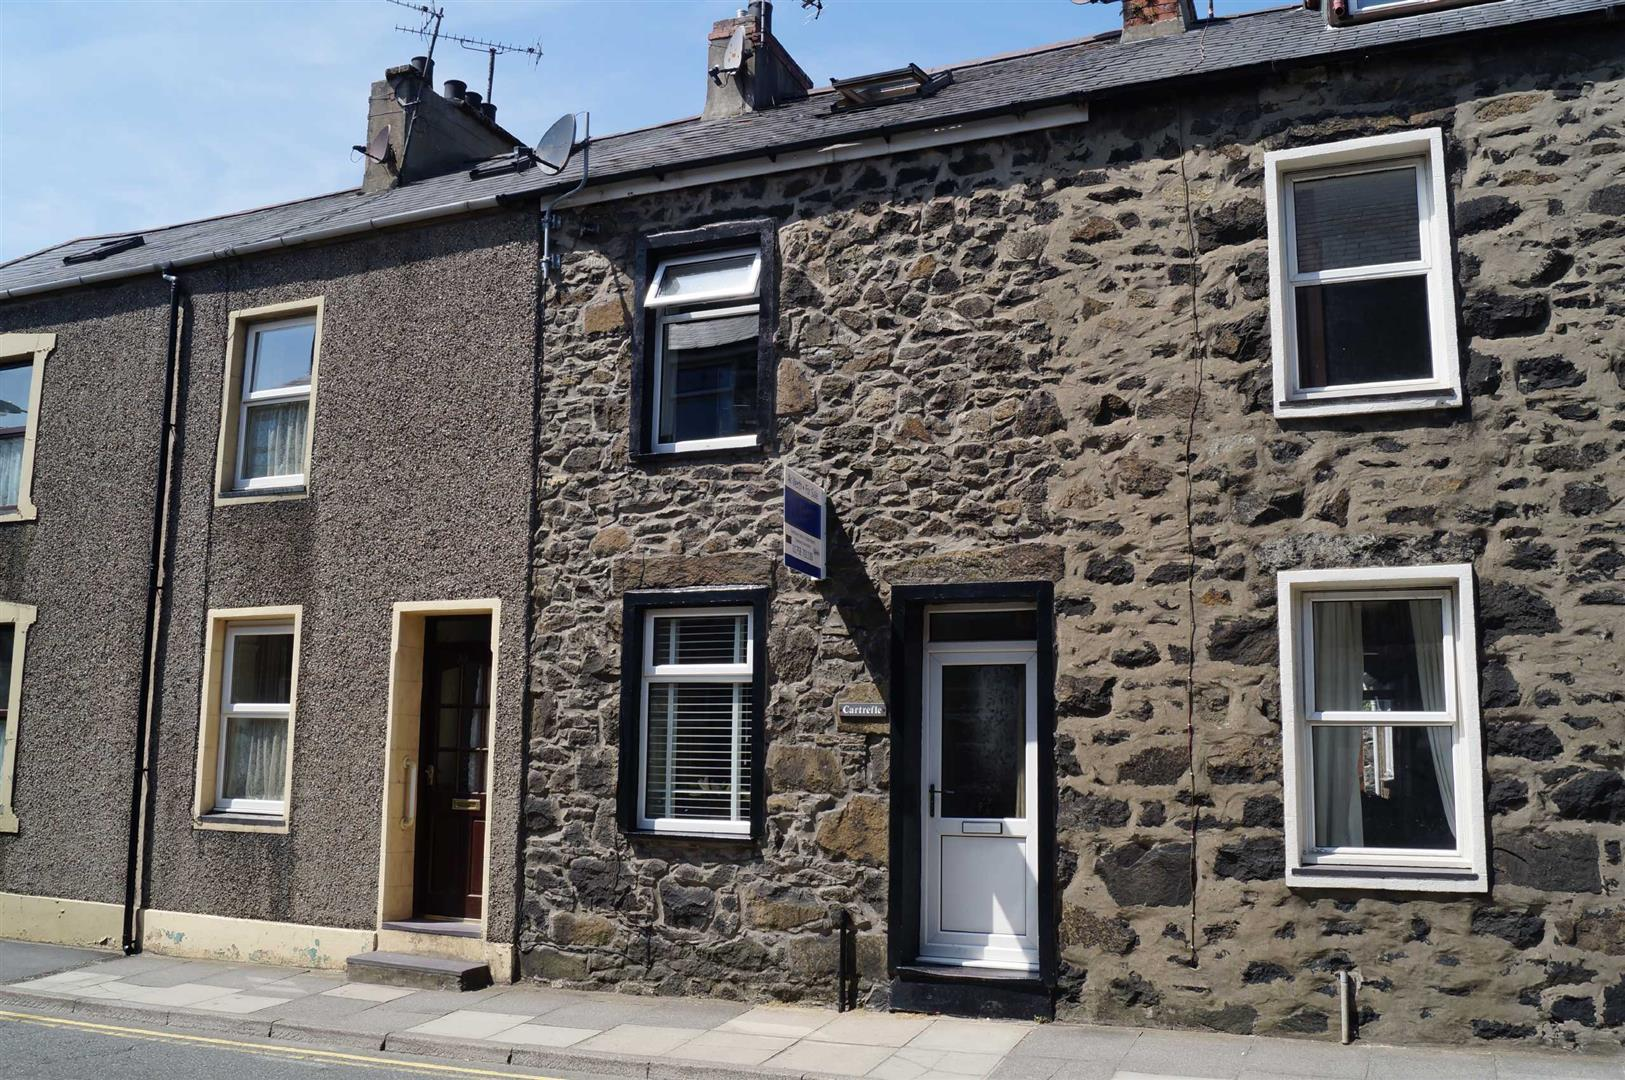 New Street, Pwllheli, Pwllheli - £118,500